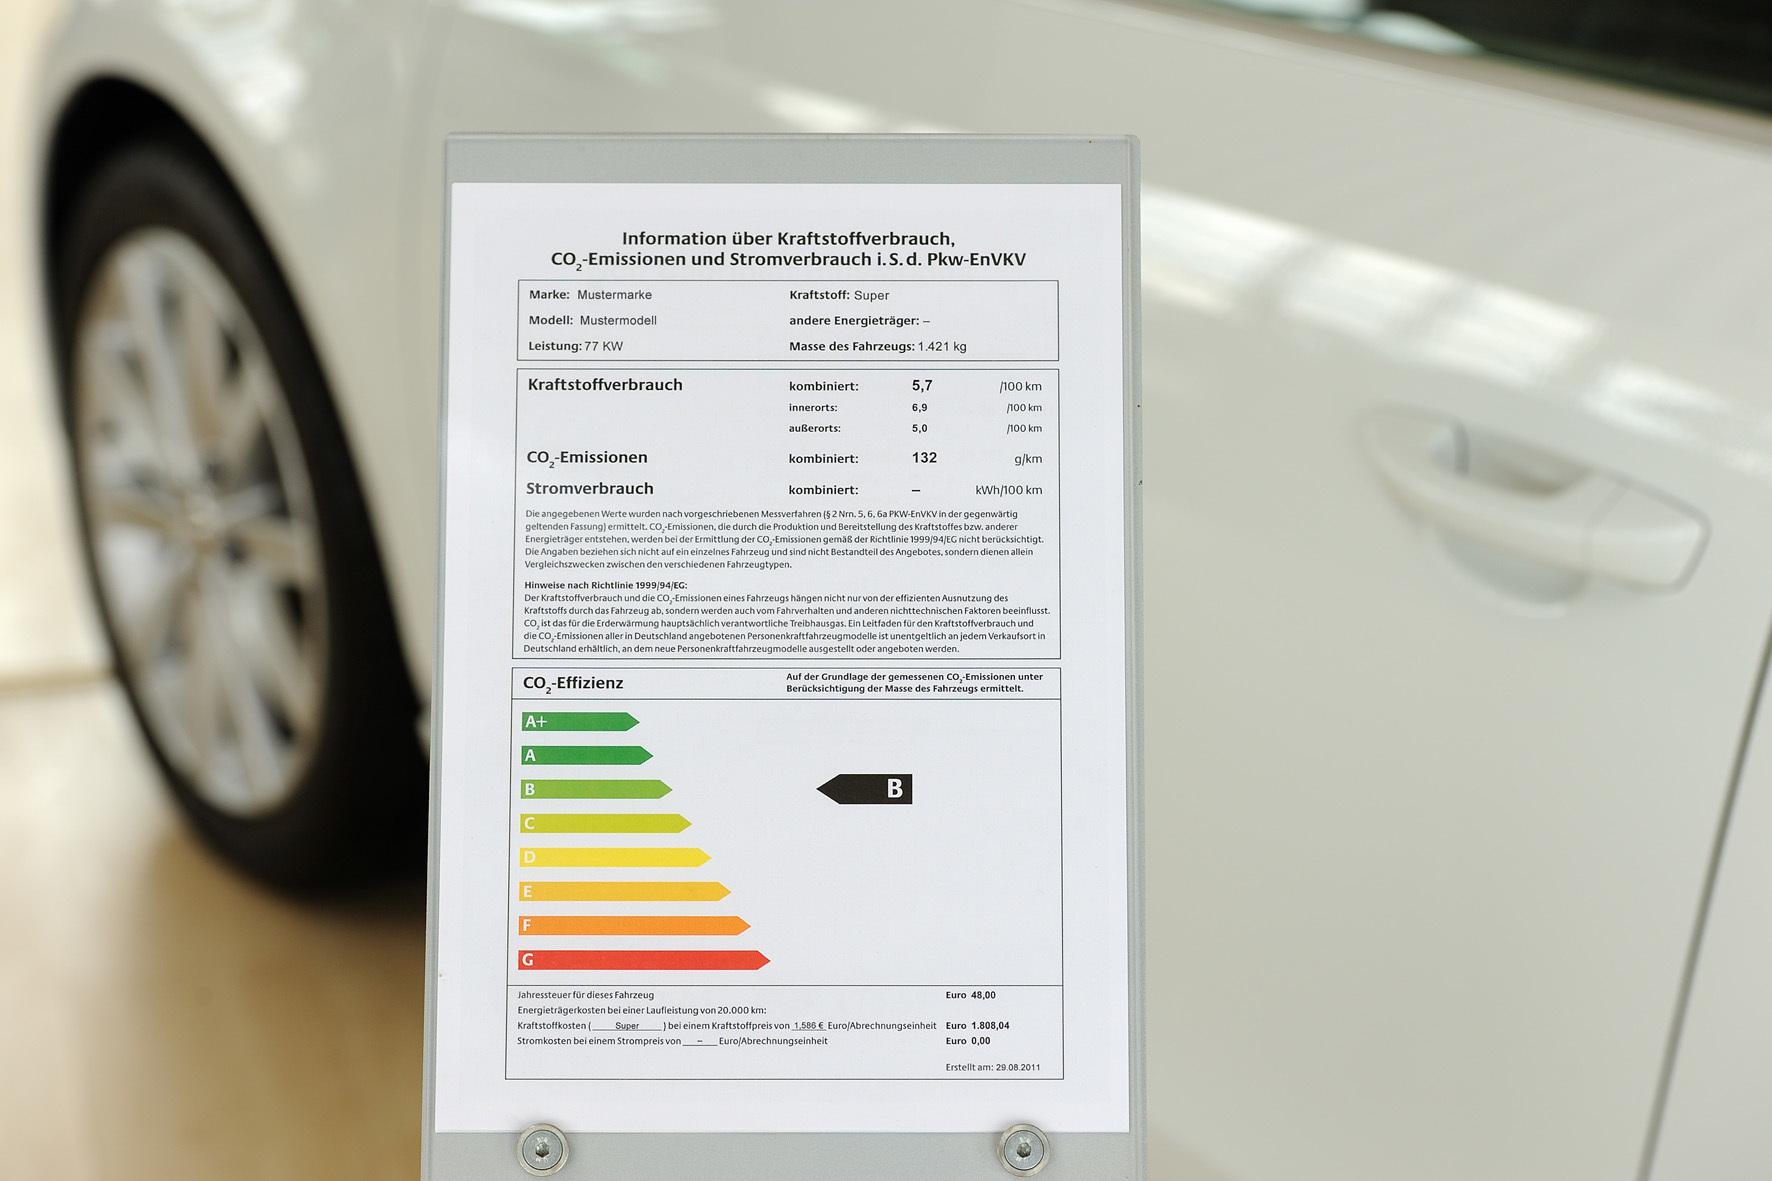 """mid Groß-Gerau - Die auf dem sogenannten """"Pkw-Label"""" angegebenen Kraftstoffkosten sinken angesichts niedrigerer Basispreise."""